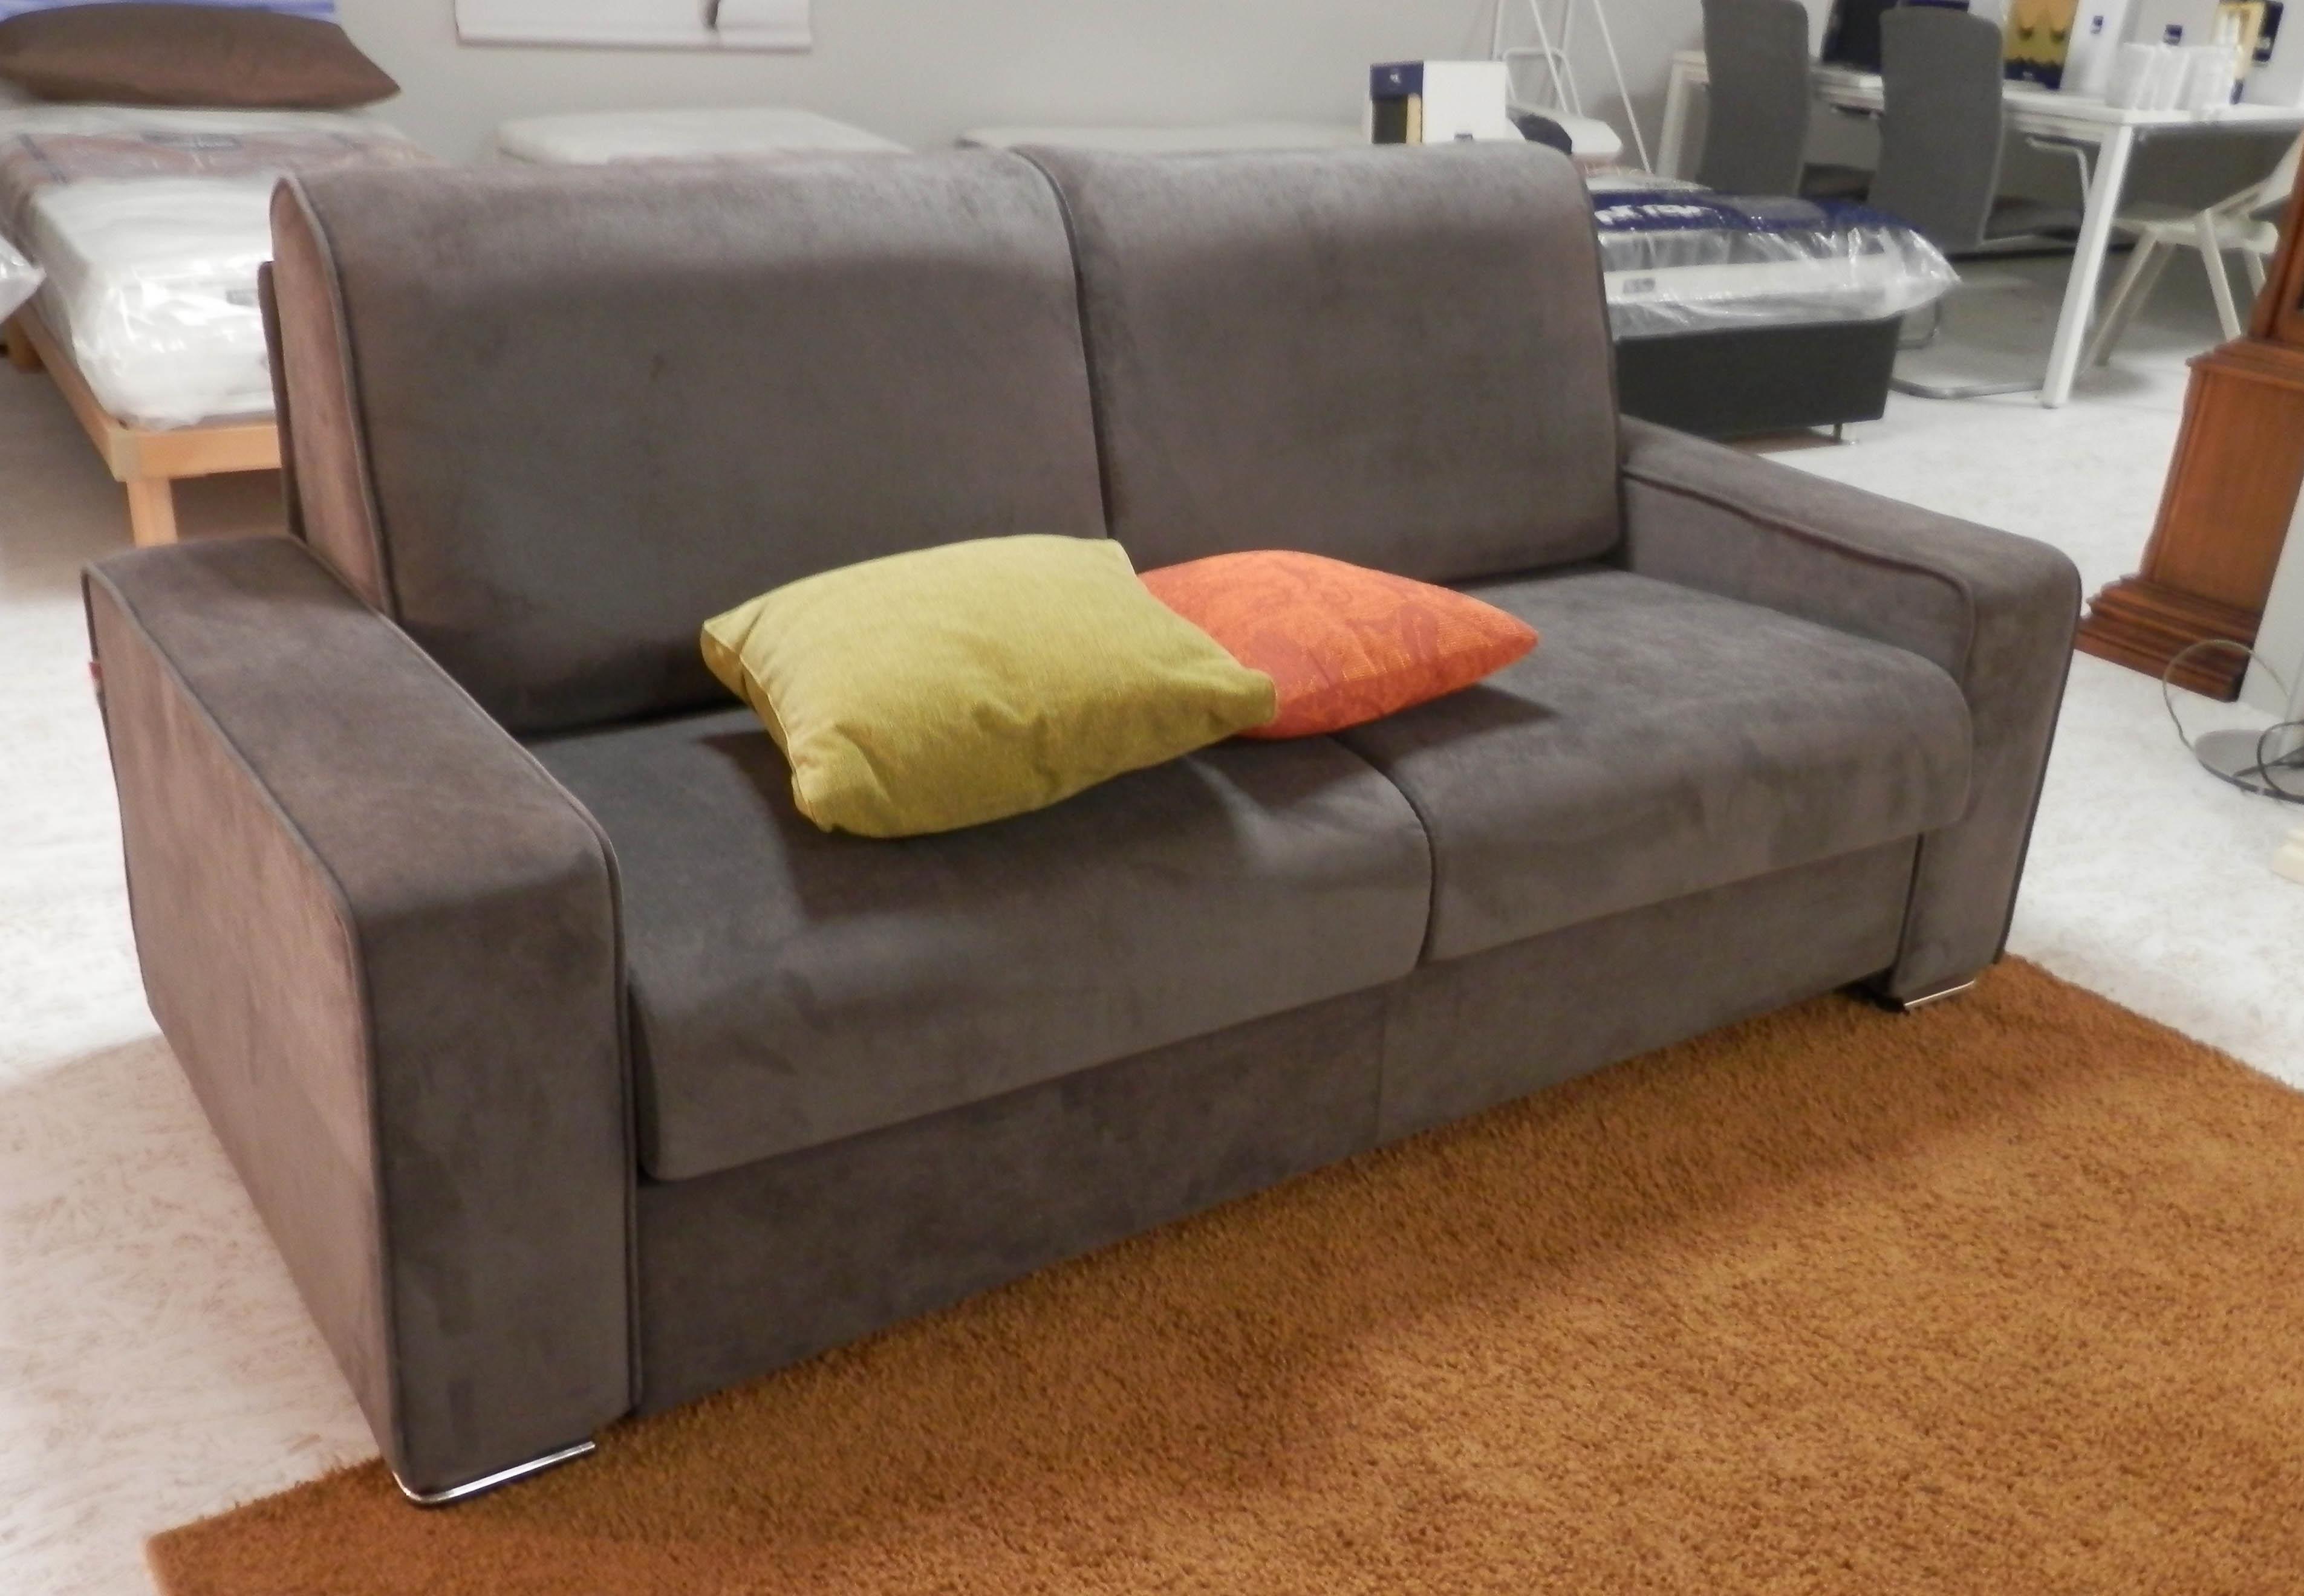 Divano letto papeete il benessere sotto costo divani a - Rivestimento divano costo ...